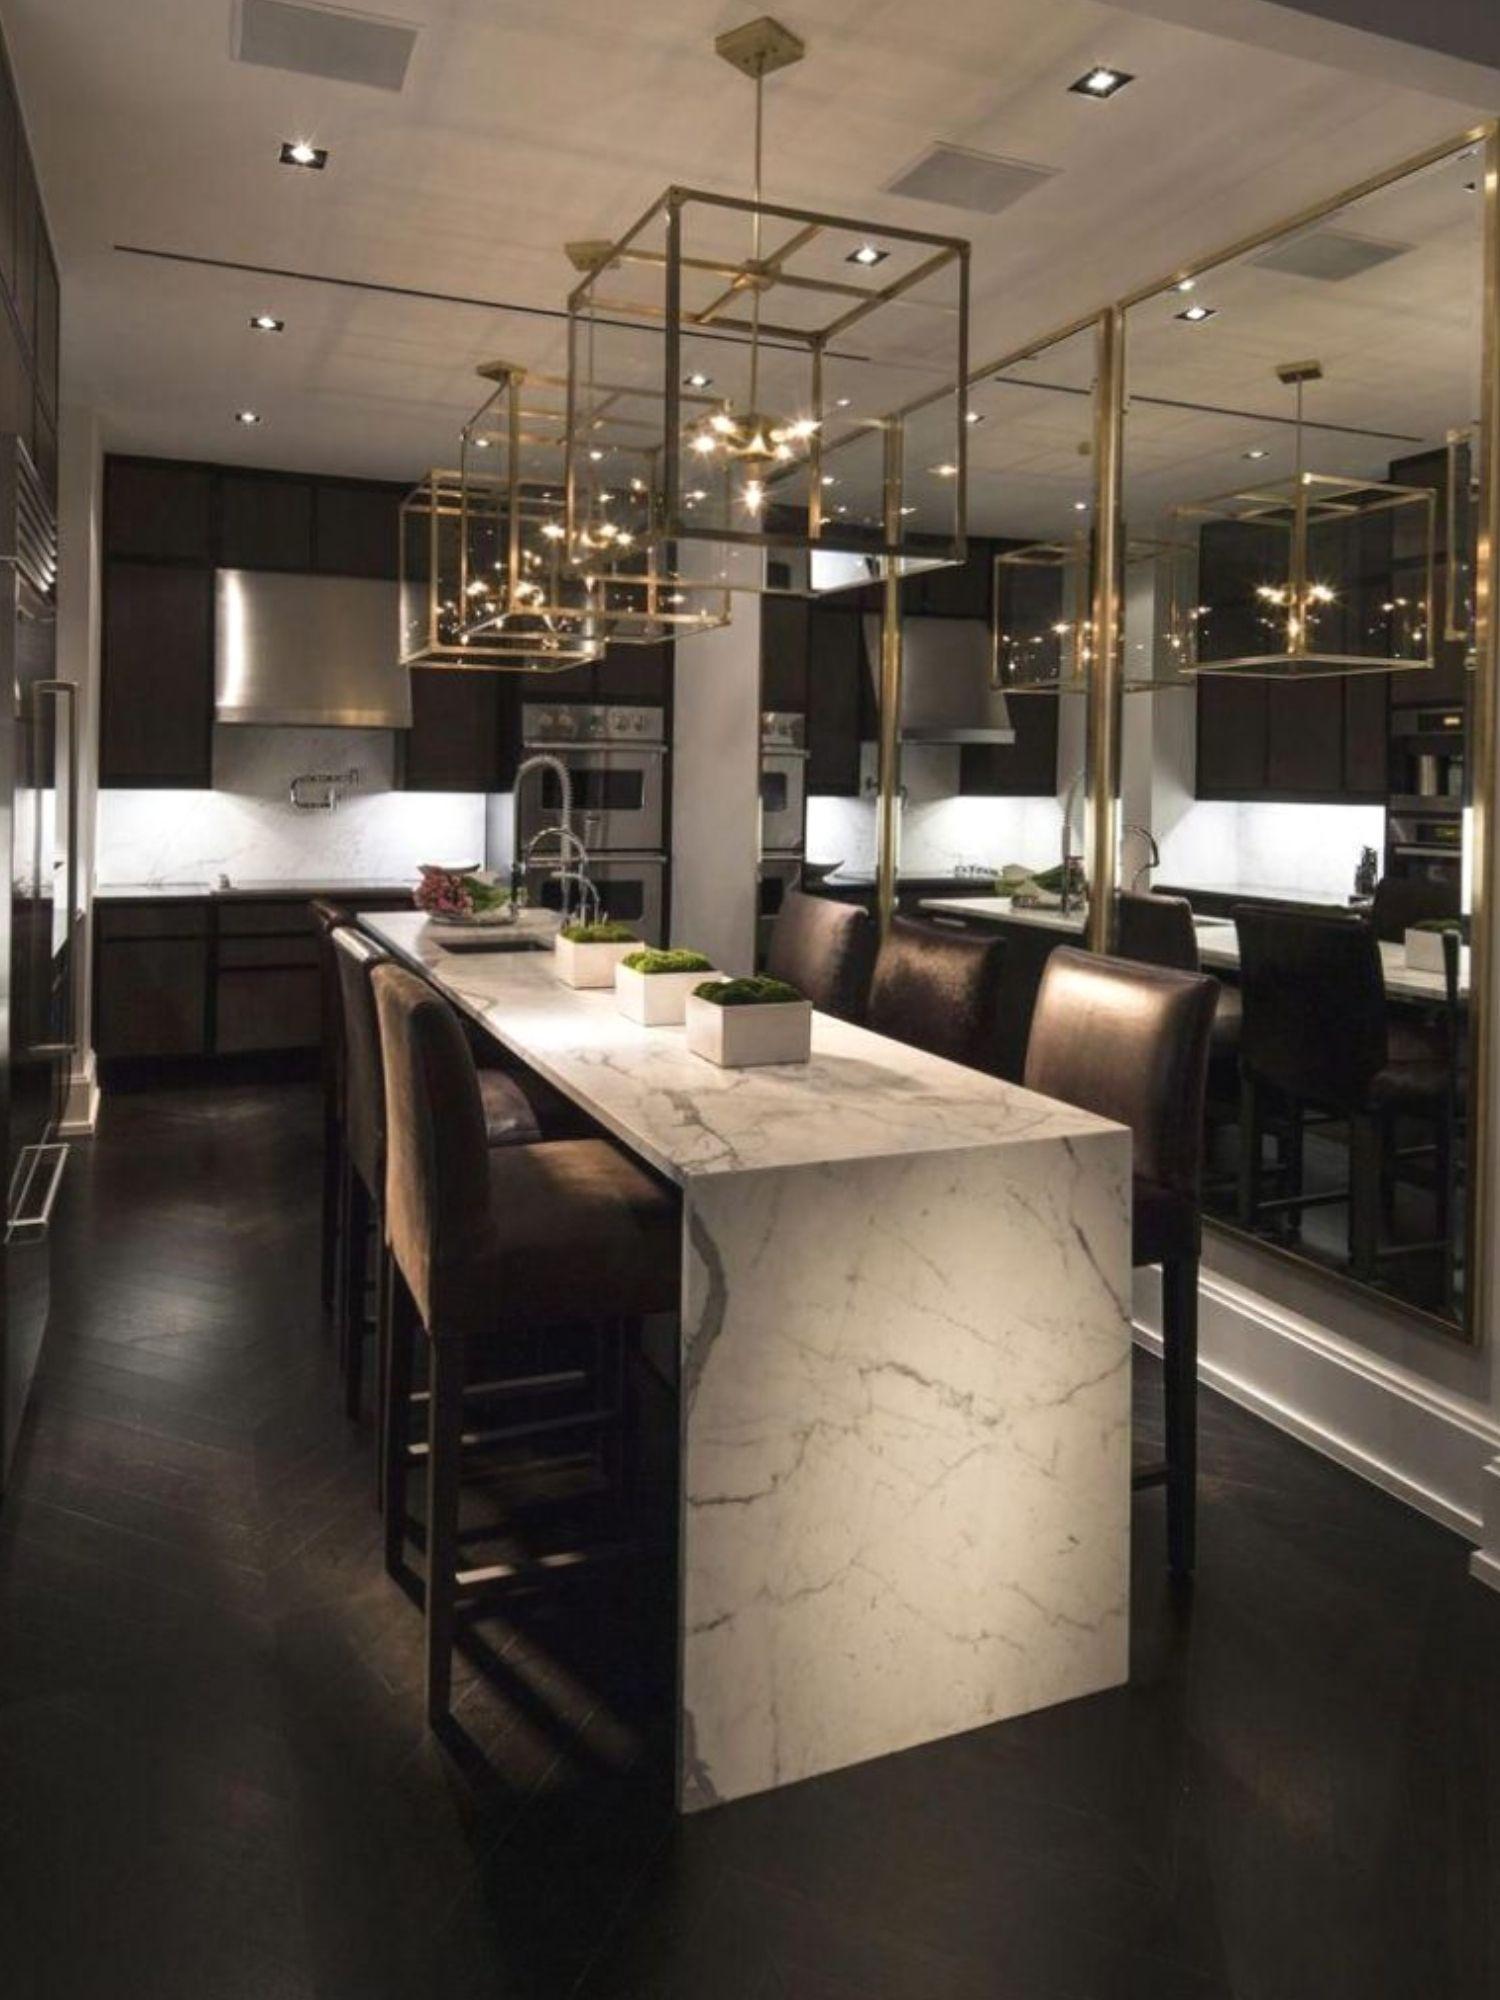 Unique Urban Modern Interior Design Dining Rooms 957 Urbanmoderninteriordesign Design Interiordes Luxury Kitchens Home Decor Kitchen Modern Kitchen Lighting